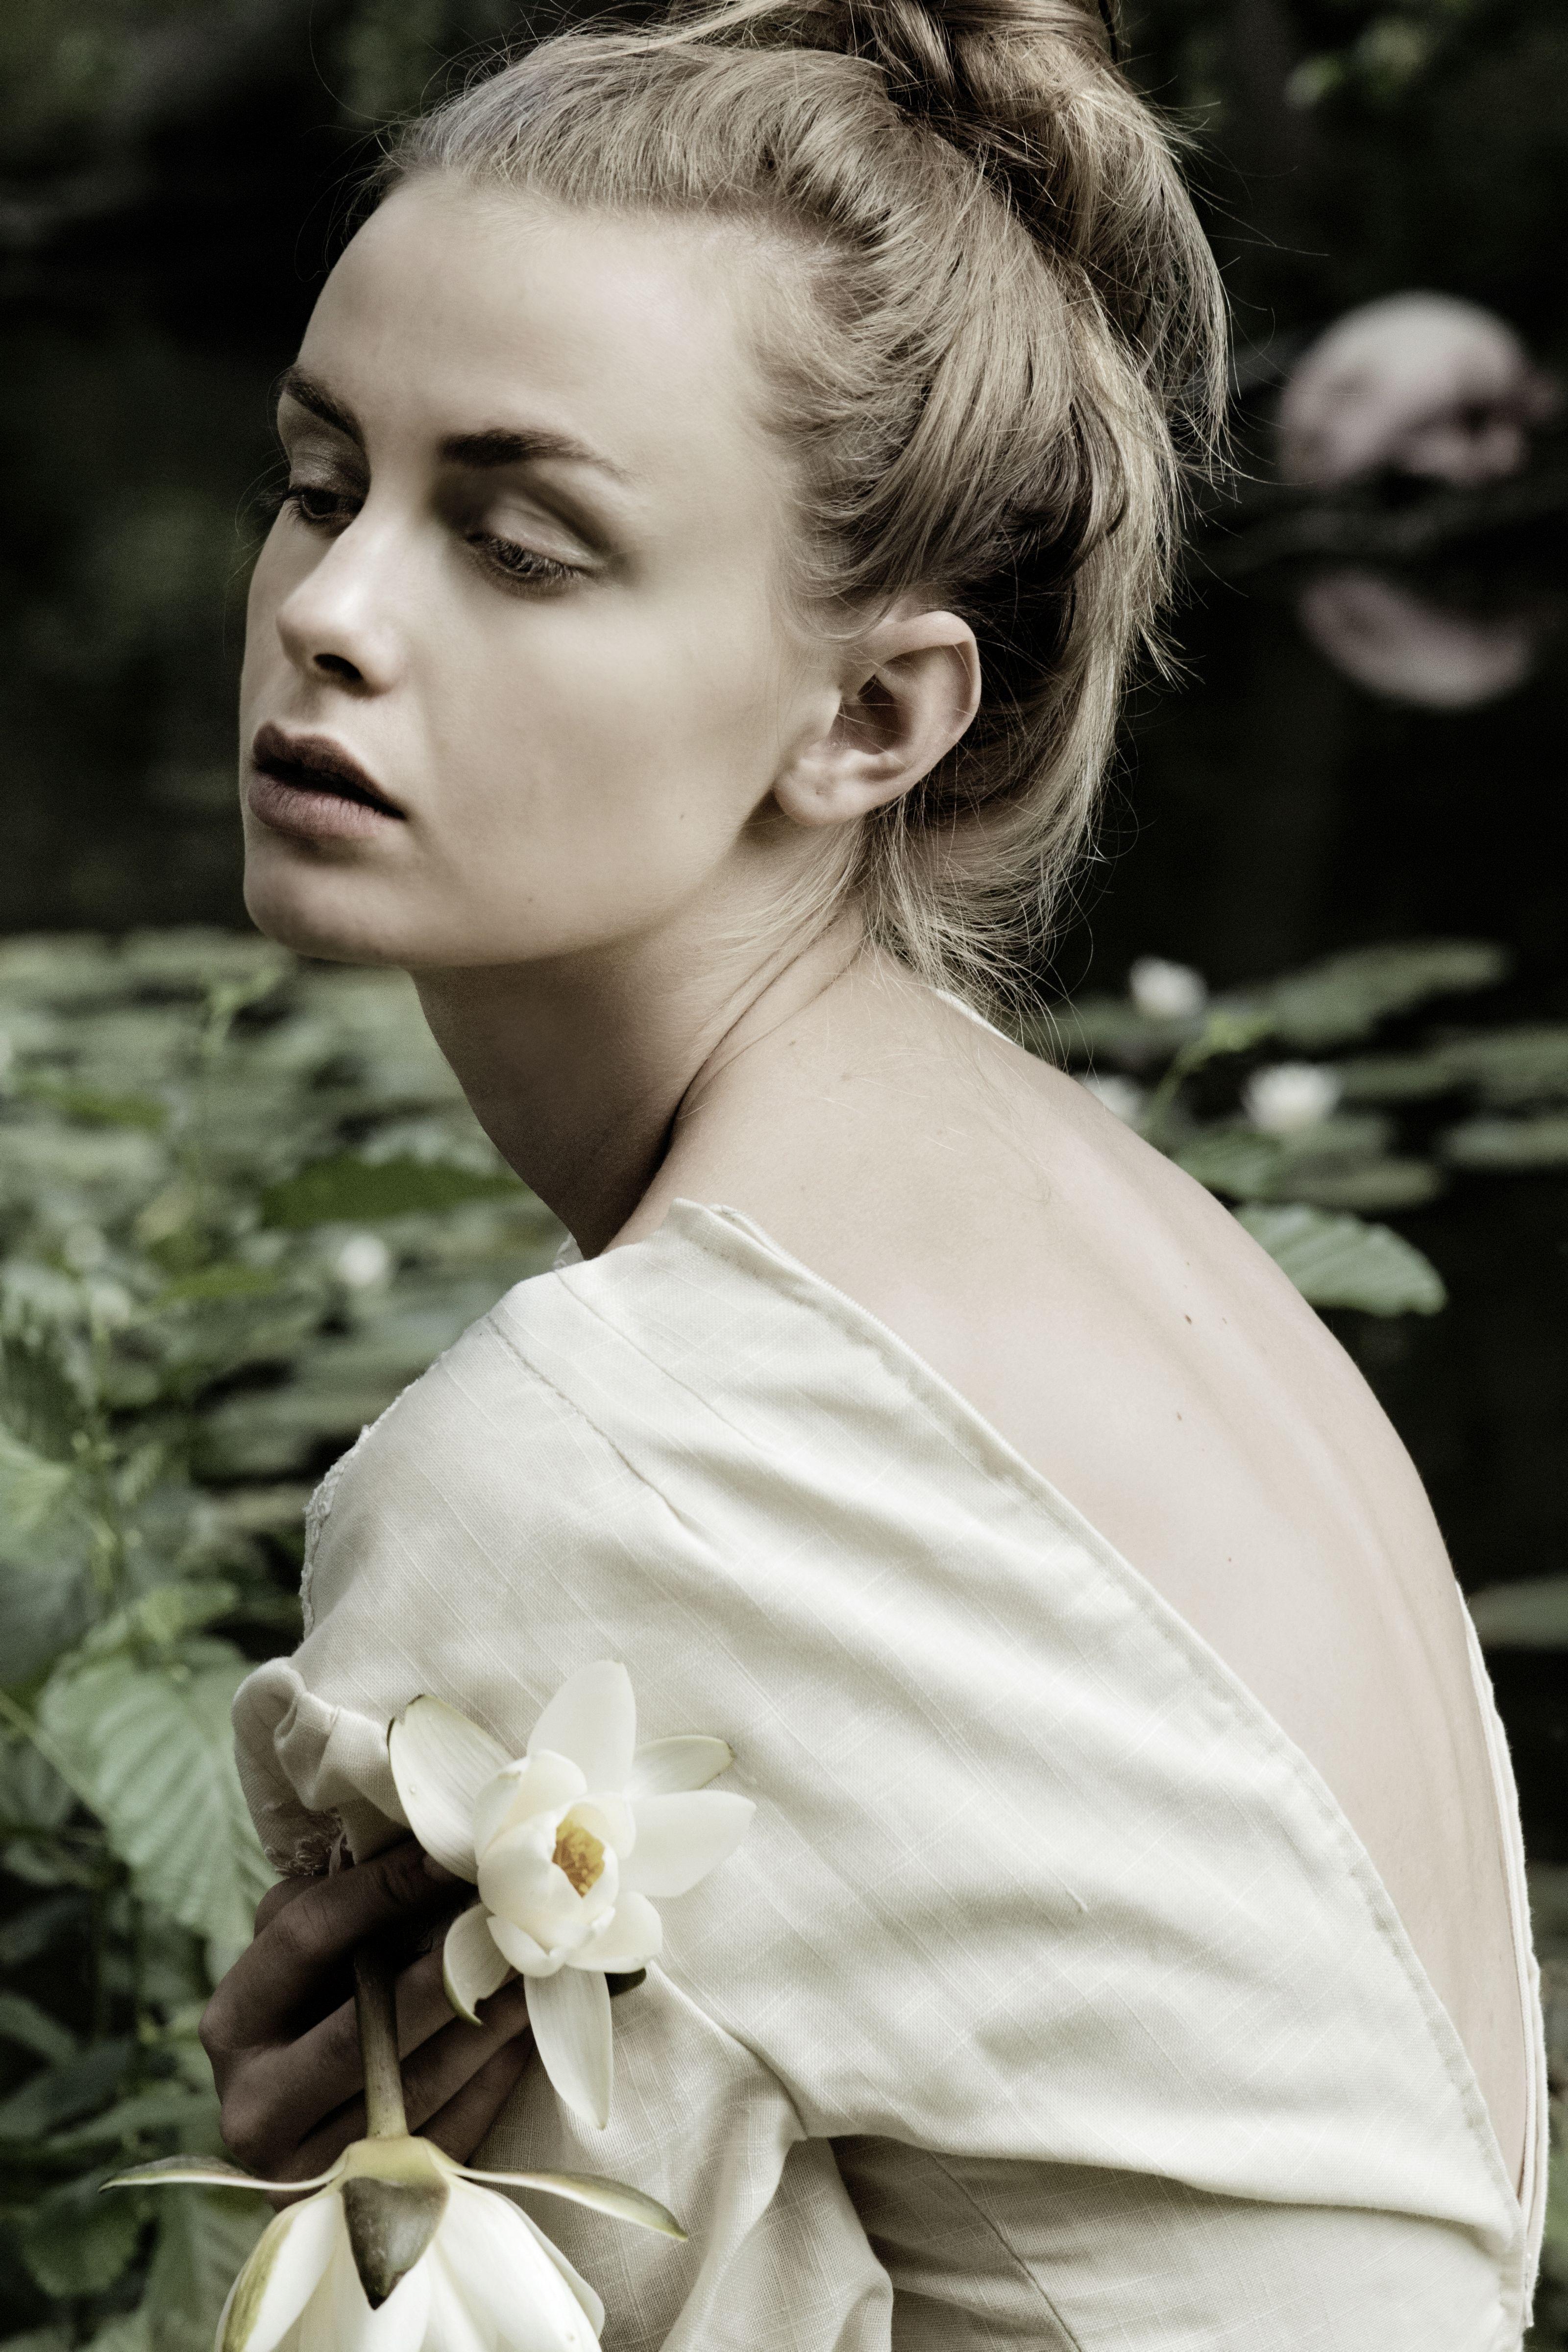 Clara Marie Lund